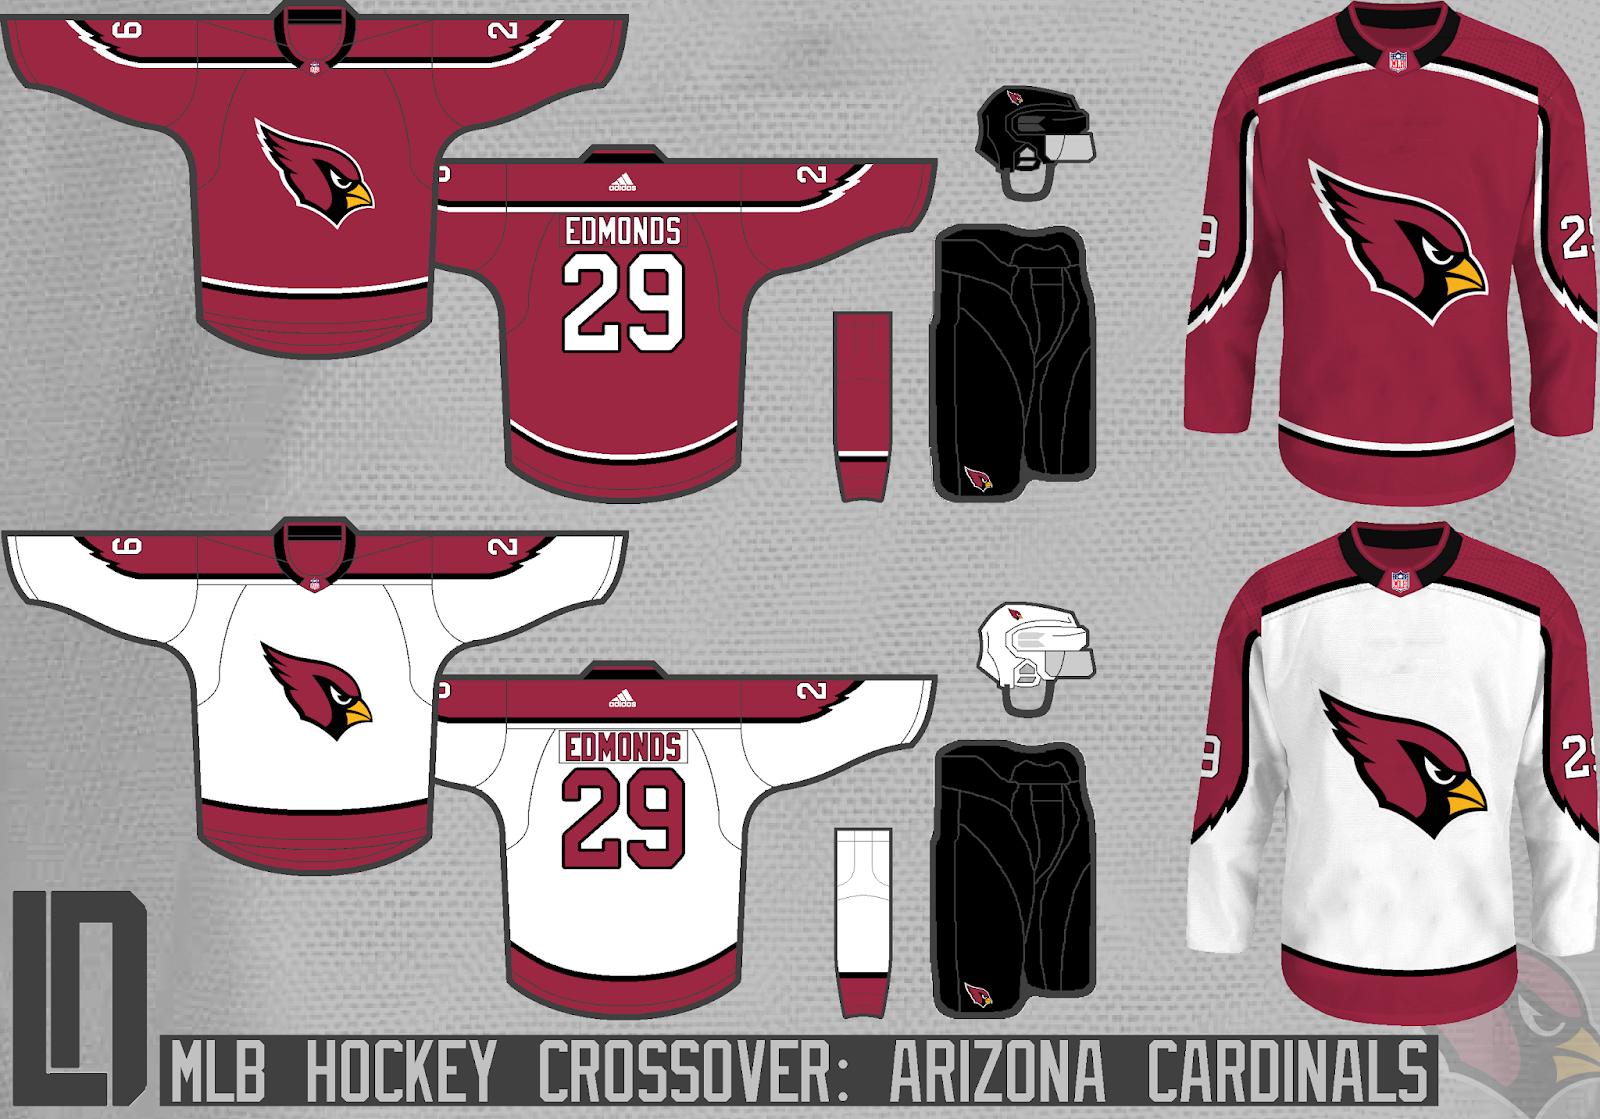 Arizona+Cardinals+Concept.png